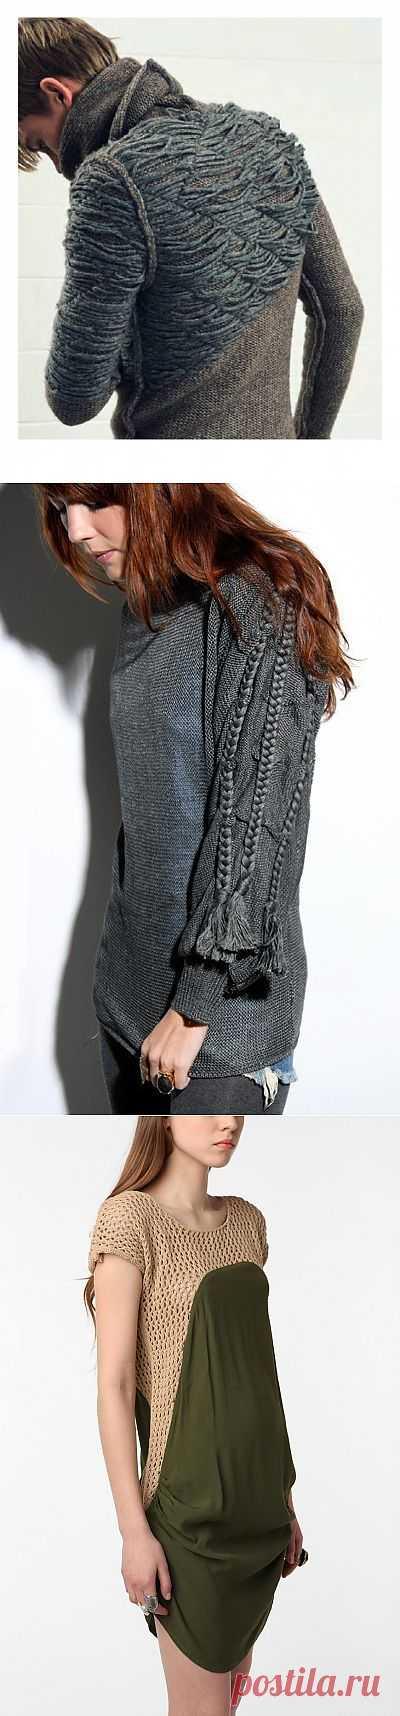 Оригинальный свитер + 2 / Вязание / Модный сайт о стильной переделке одежды и интерьера